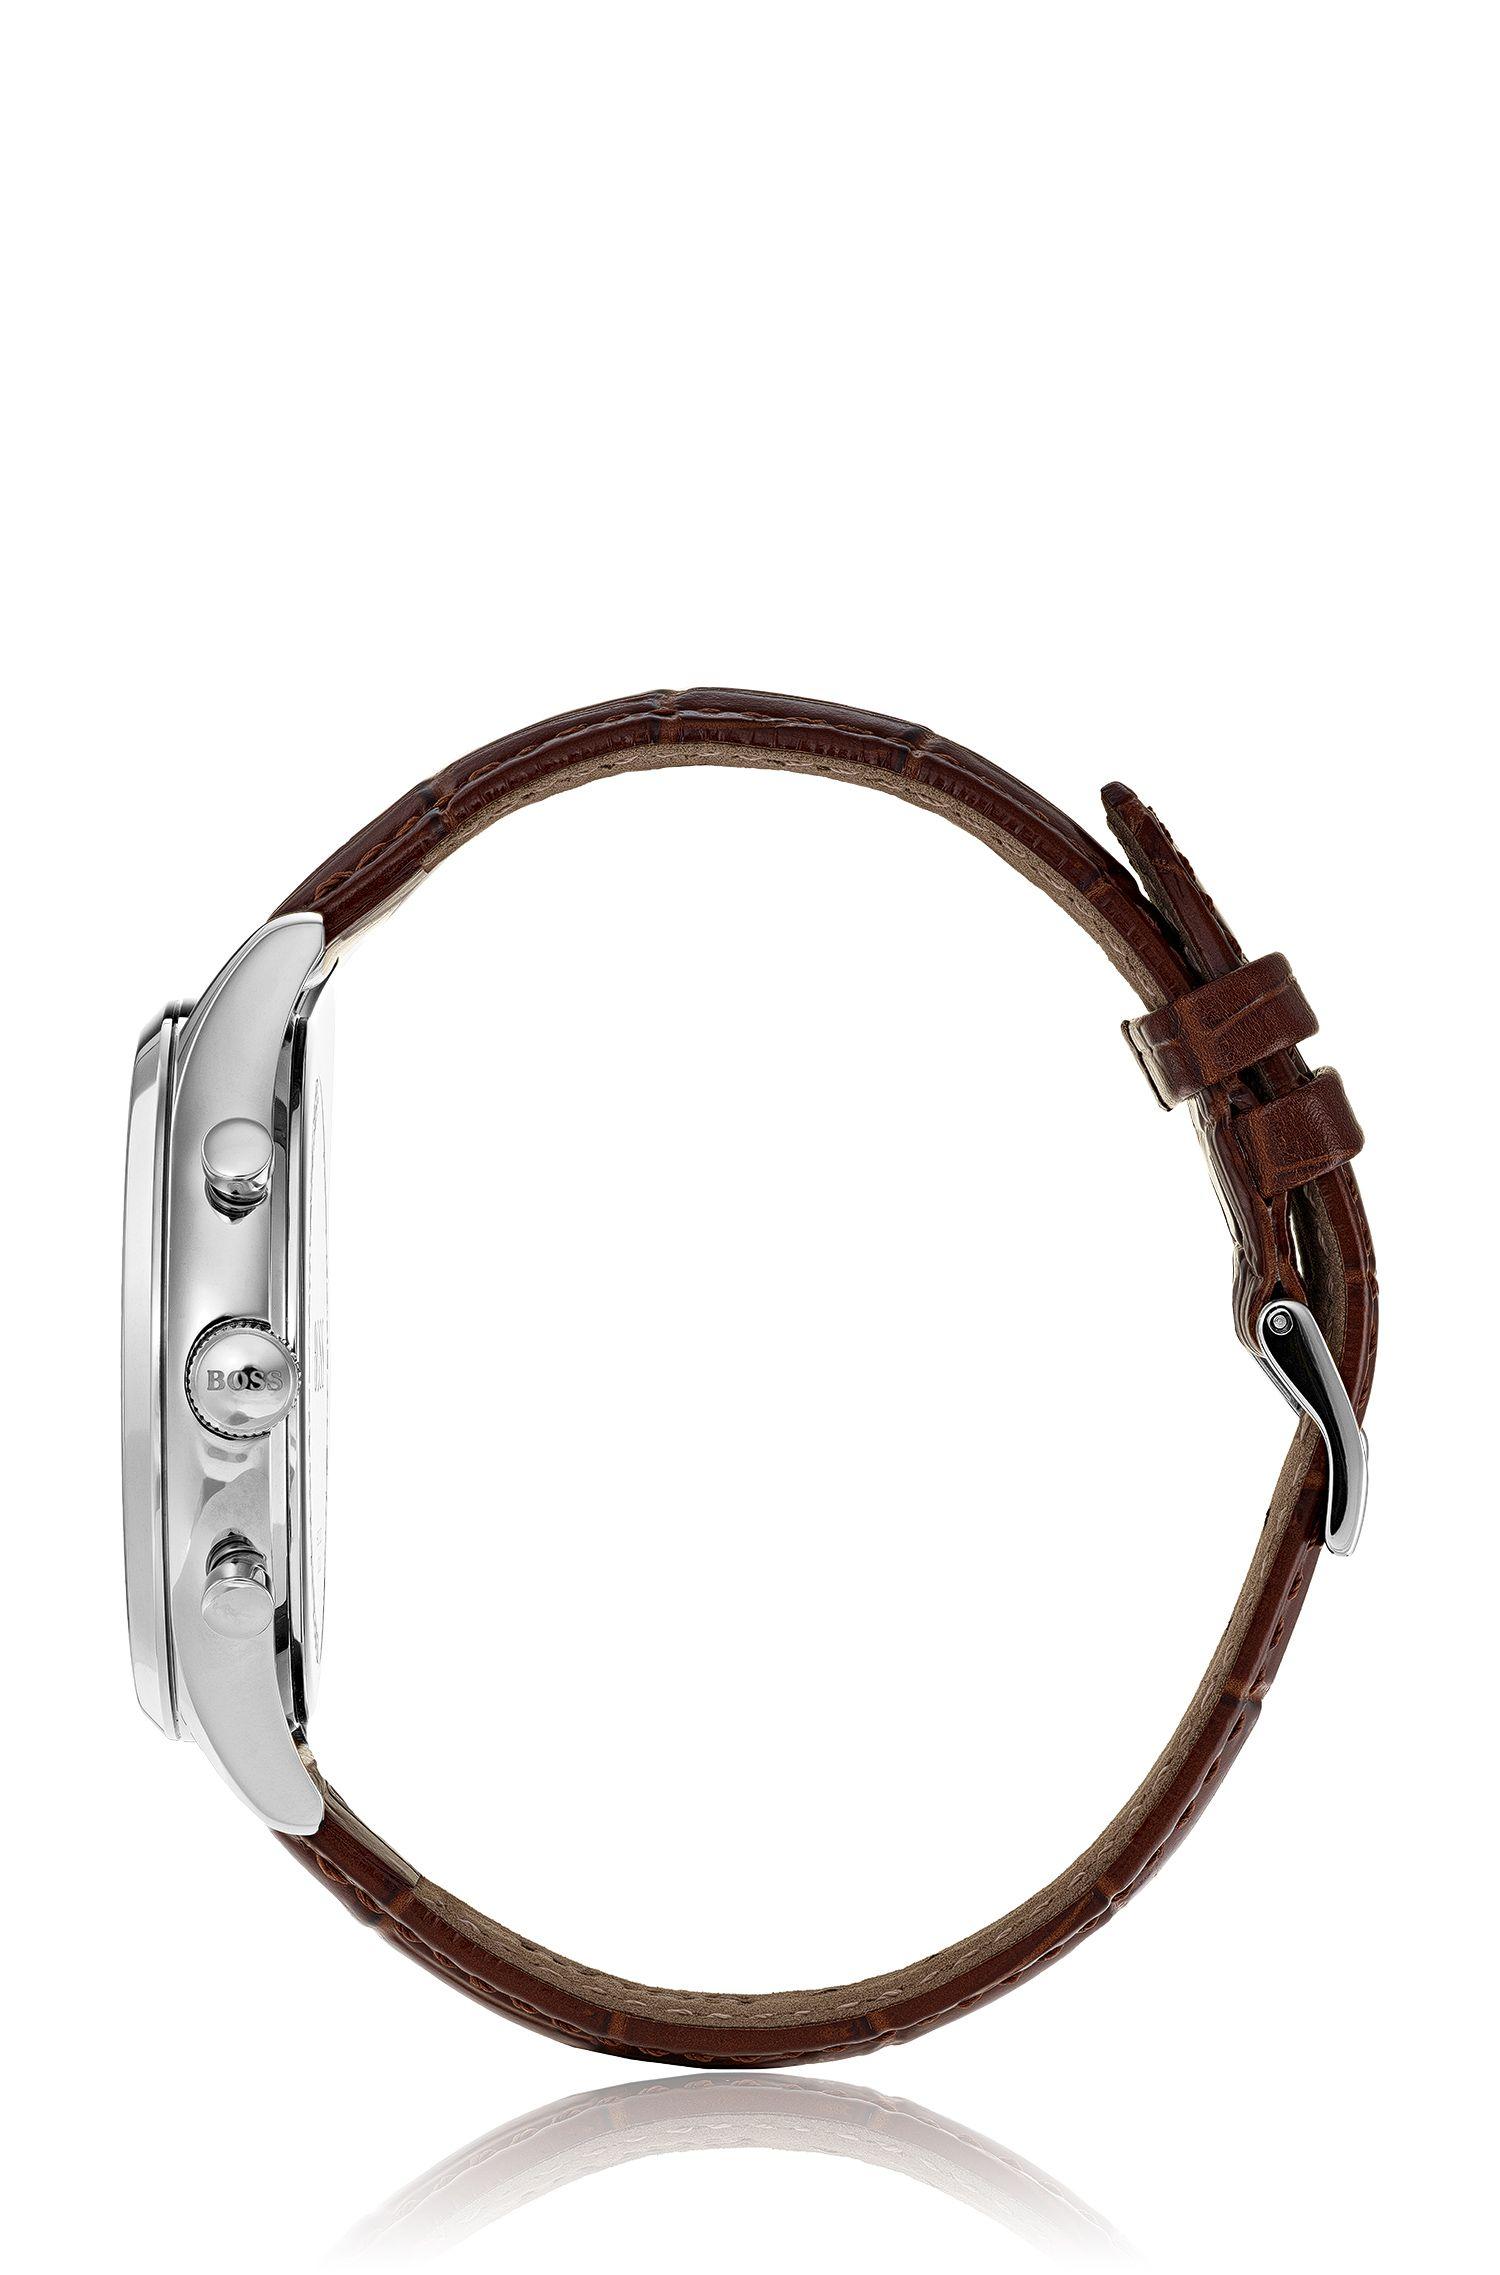 Montre chronographe à aiguilles luminescentes, avec bracelet en cuir